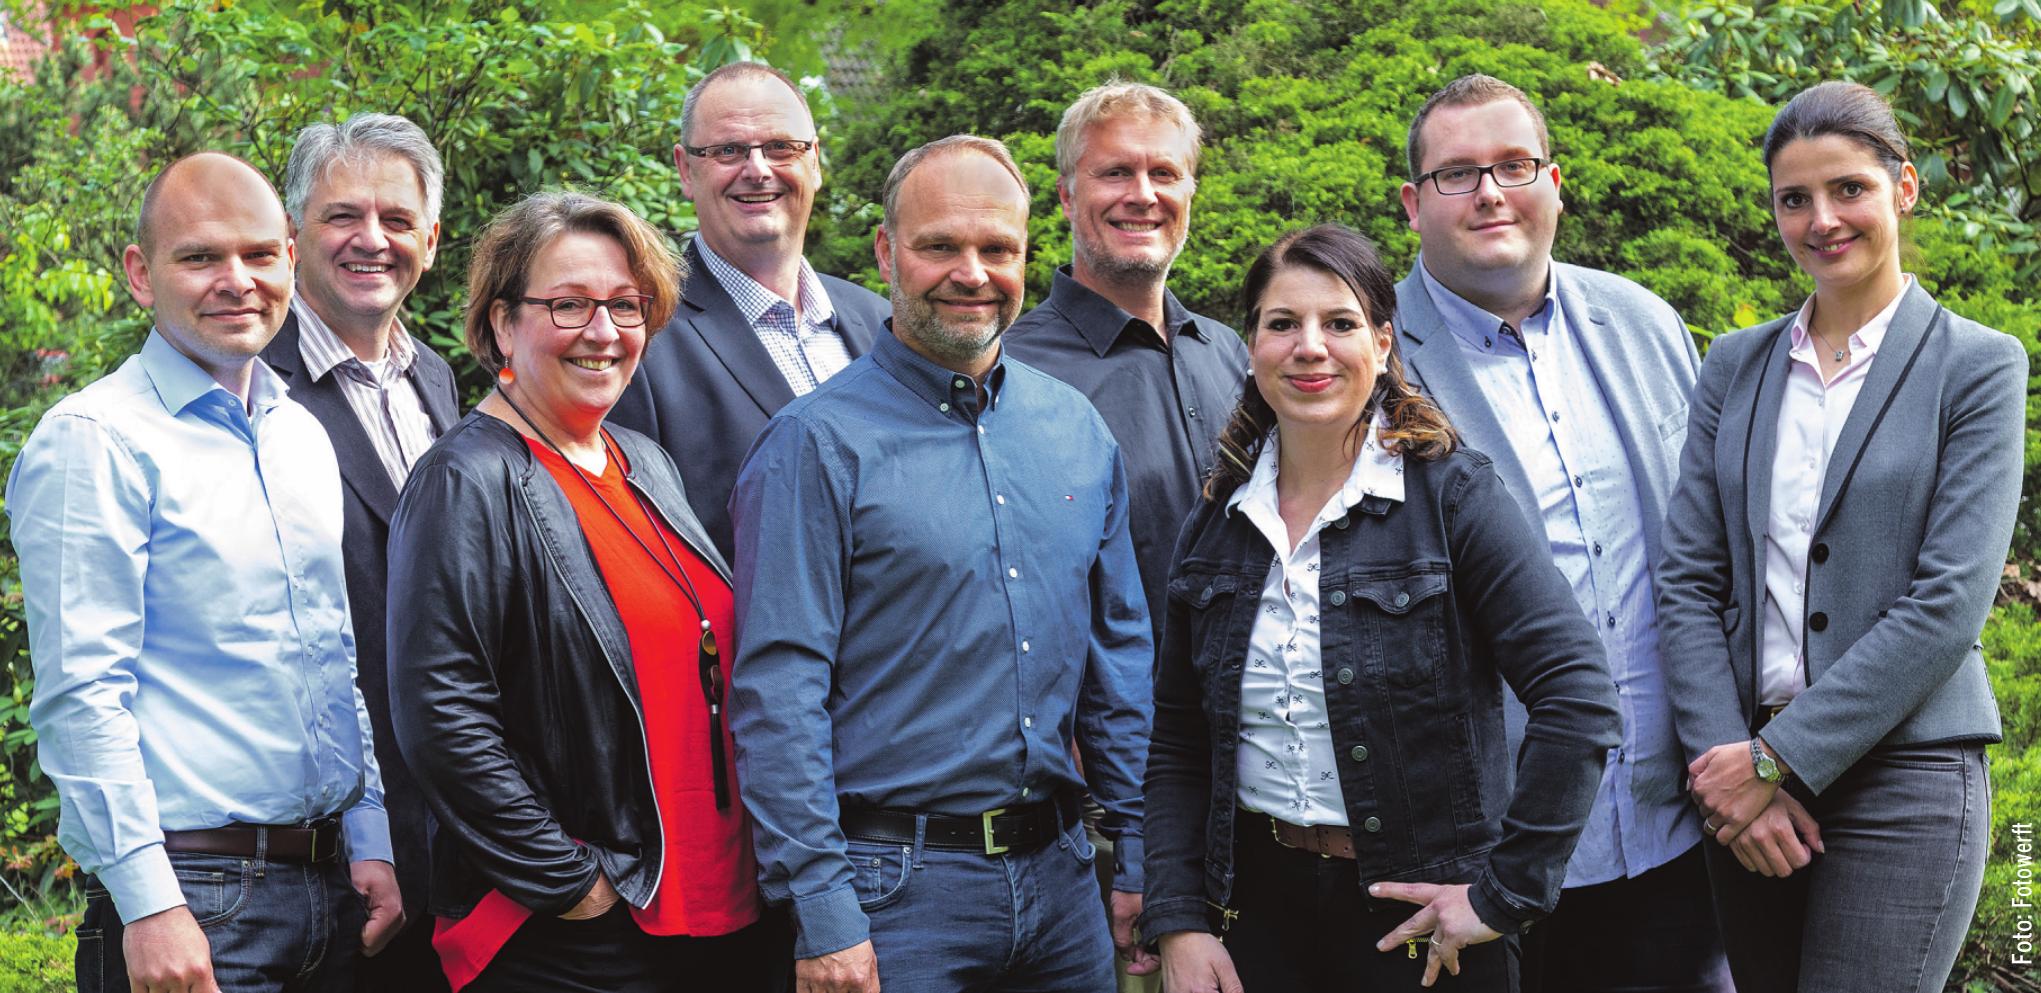 Der aktuelle Vorstand des RBK (von links): Michael Willrodt (Markt-Zeitung), Fred Burmester (Burmester Haustechnik), Anke Harder (Boutique Chic Chic), Wolfgang Sarau (Sammeln und Schenken), Tobias Drebes (Friseur Drebes), Sören Clausen (Blackdog Werbung), Nicole Göbel (Immobilienvertrieb Nord), Jan Hendrik Knupper (Fotowerft) und Nathalie Behrens (Kröpelin GmbH). Auf dem Foto fehlt René Prosch (Elektro-Prosch) Foto: Fotowerft